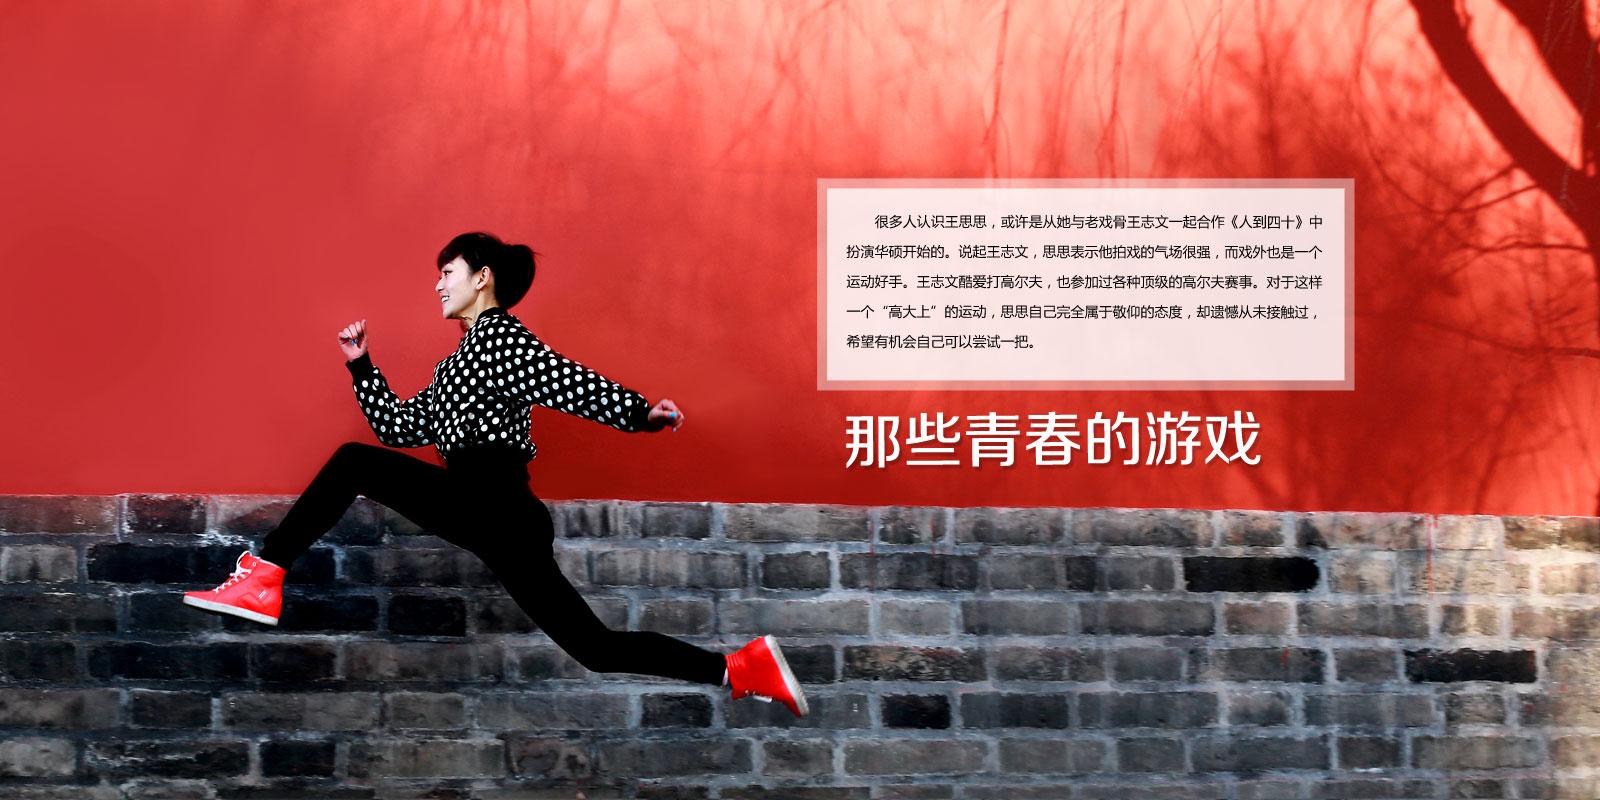 张晓柔图片_星运动:王思思-搜狐体育播报